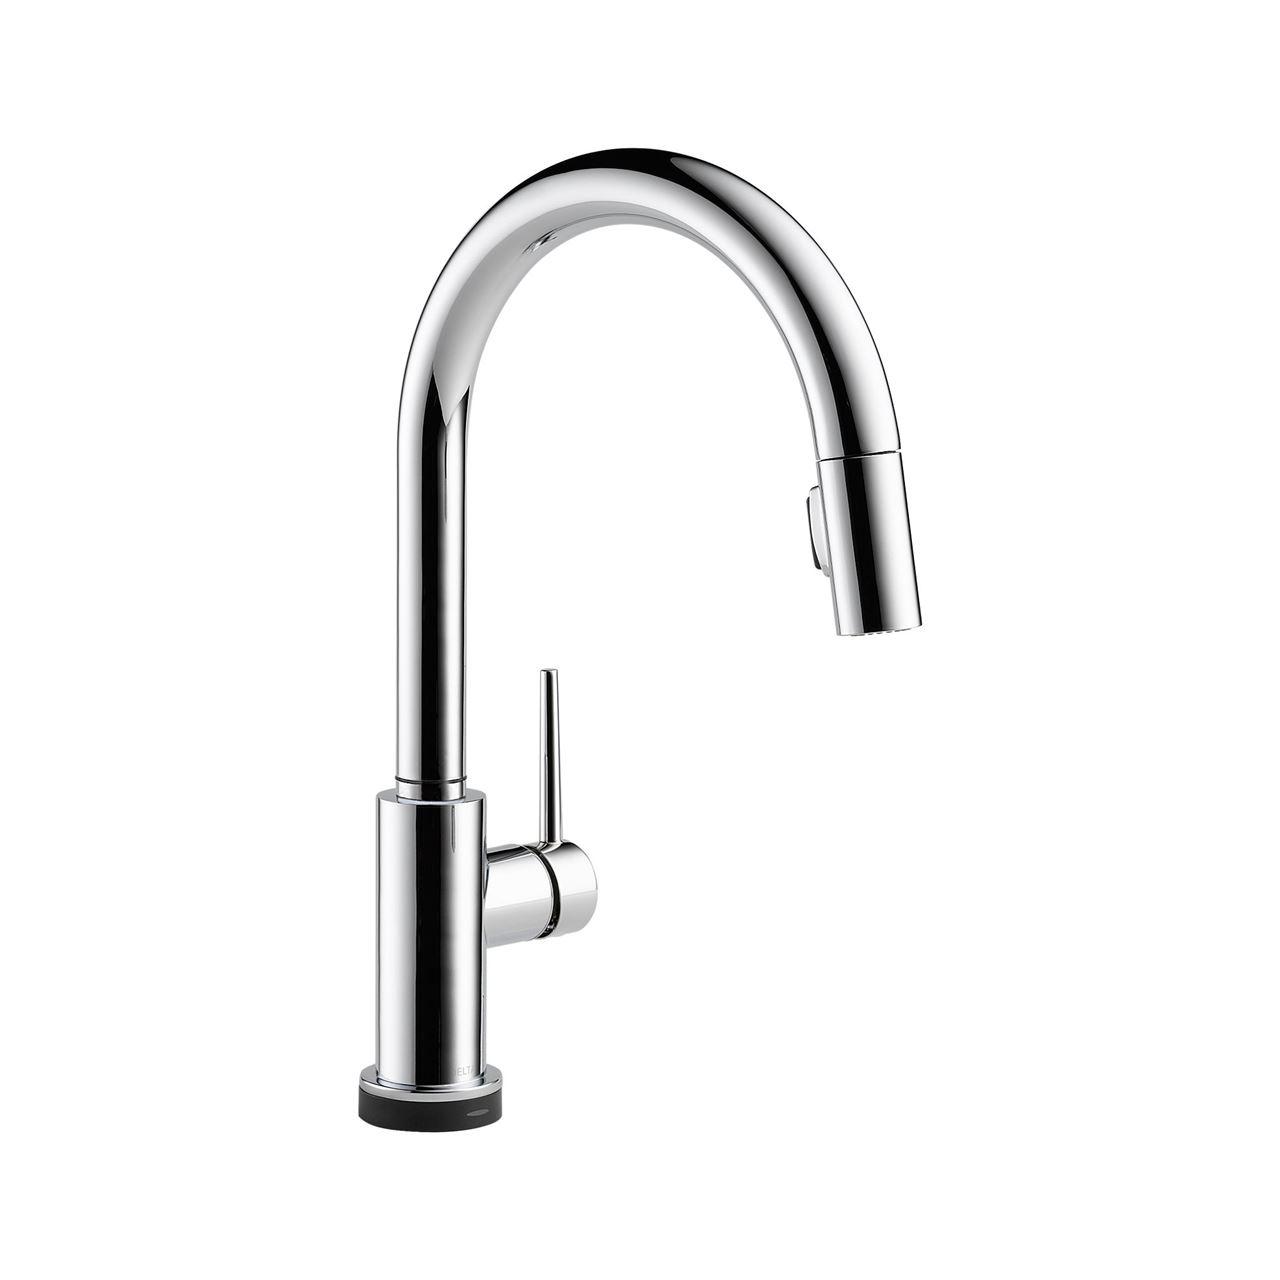 Ideas, delta no touch kitchen faucet delta no touch kitchen faucet 28 delta no touch kitchen faucet delta touch faucet reviews 1280 x 1280 jpeg.